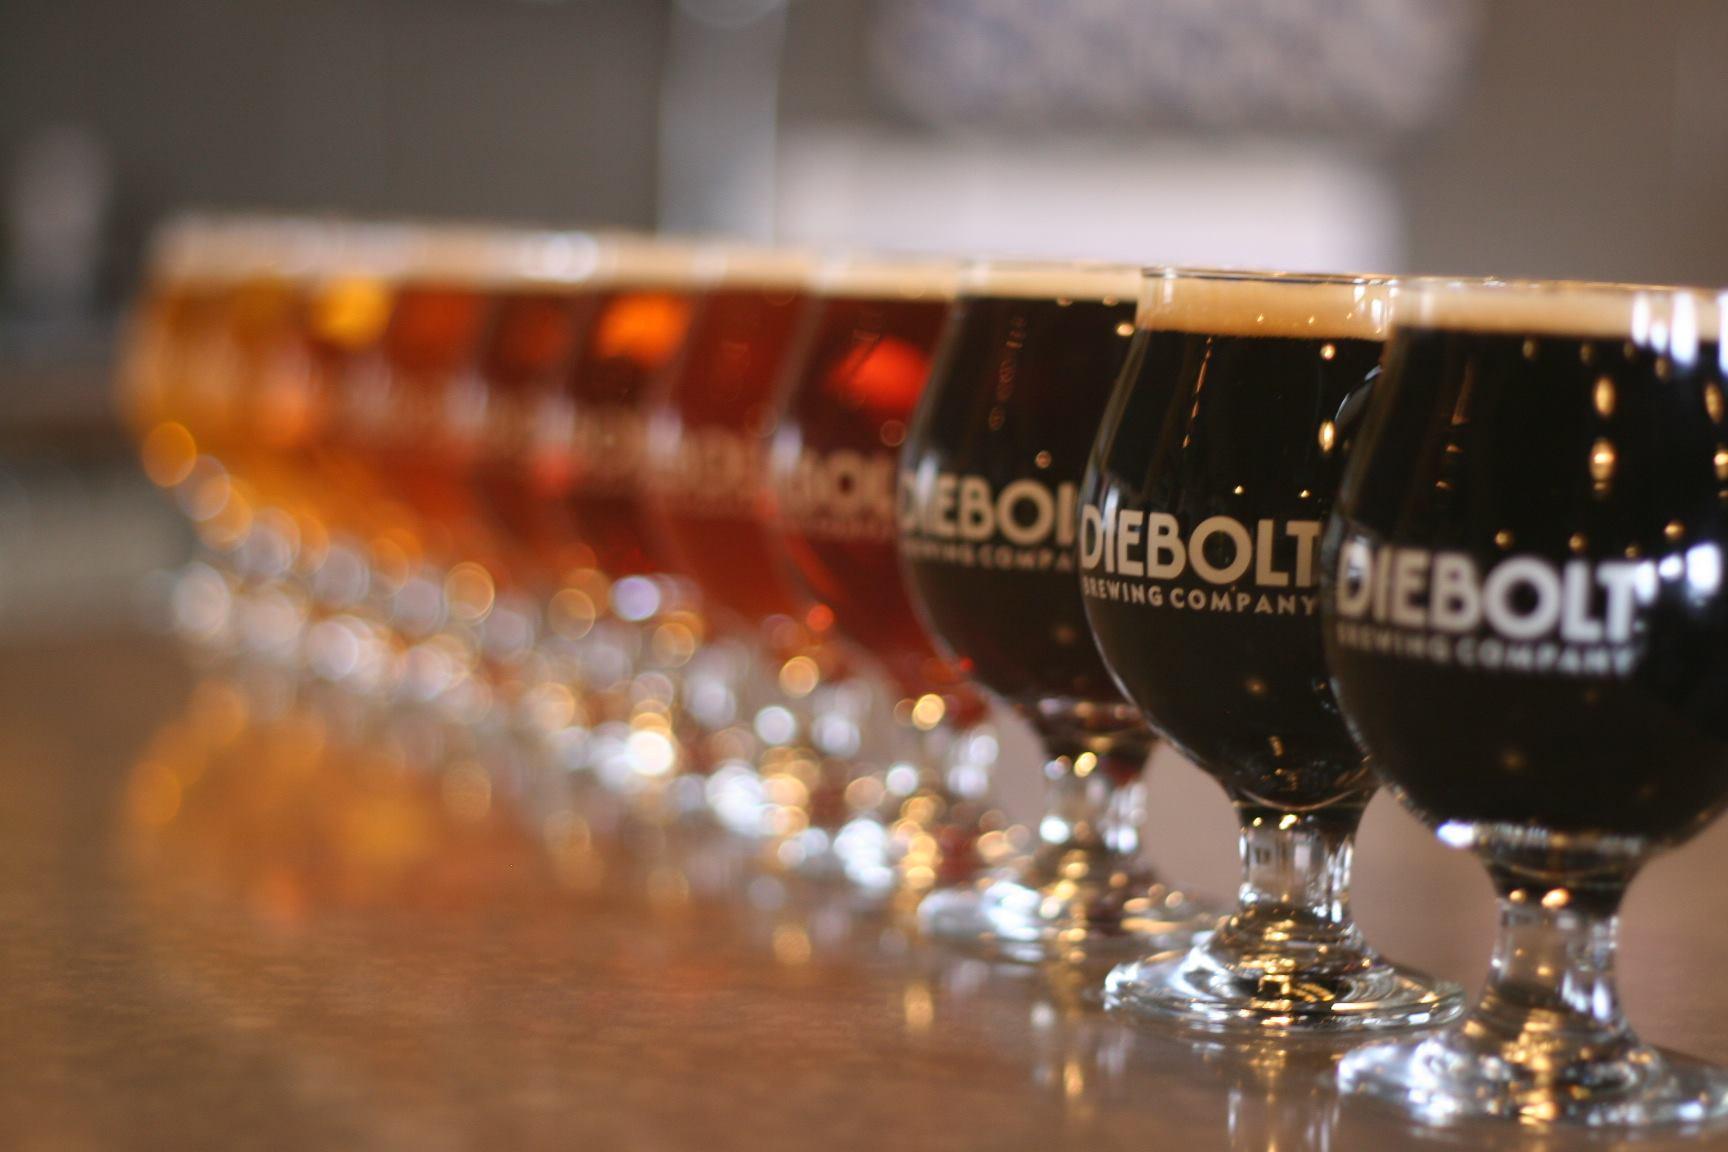 Diebolt Brewing Co.